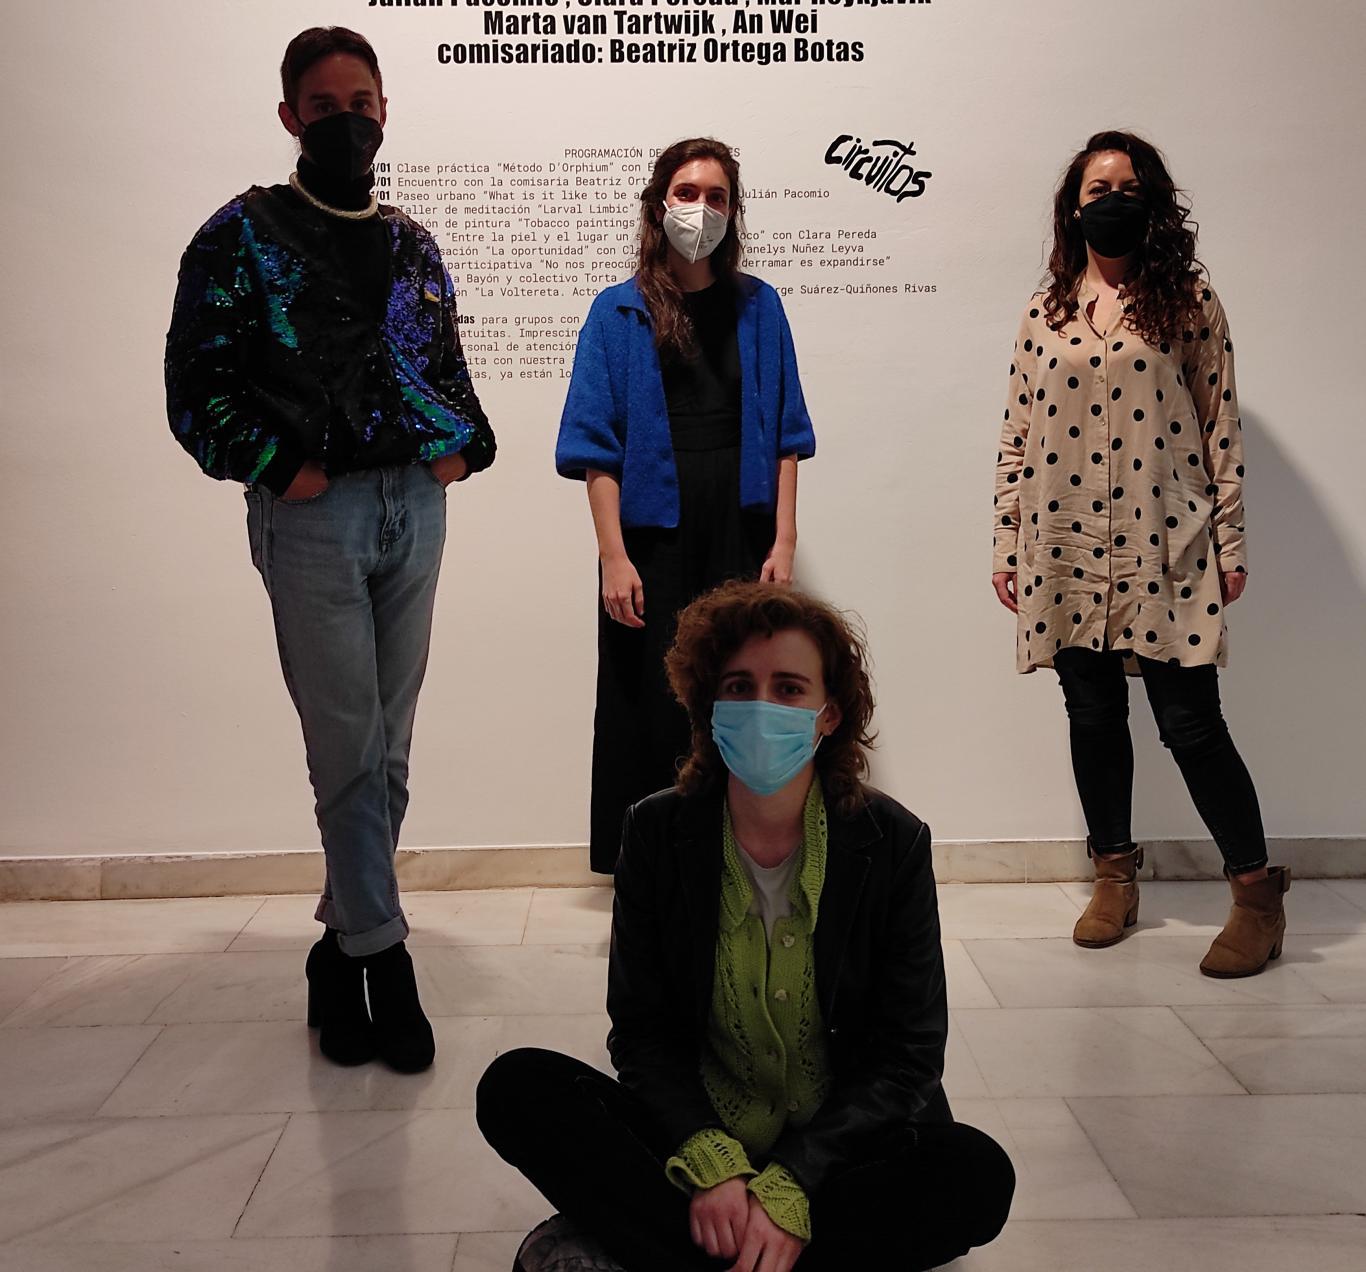 4 personas posando frente a una pared de la sala de arte joven